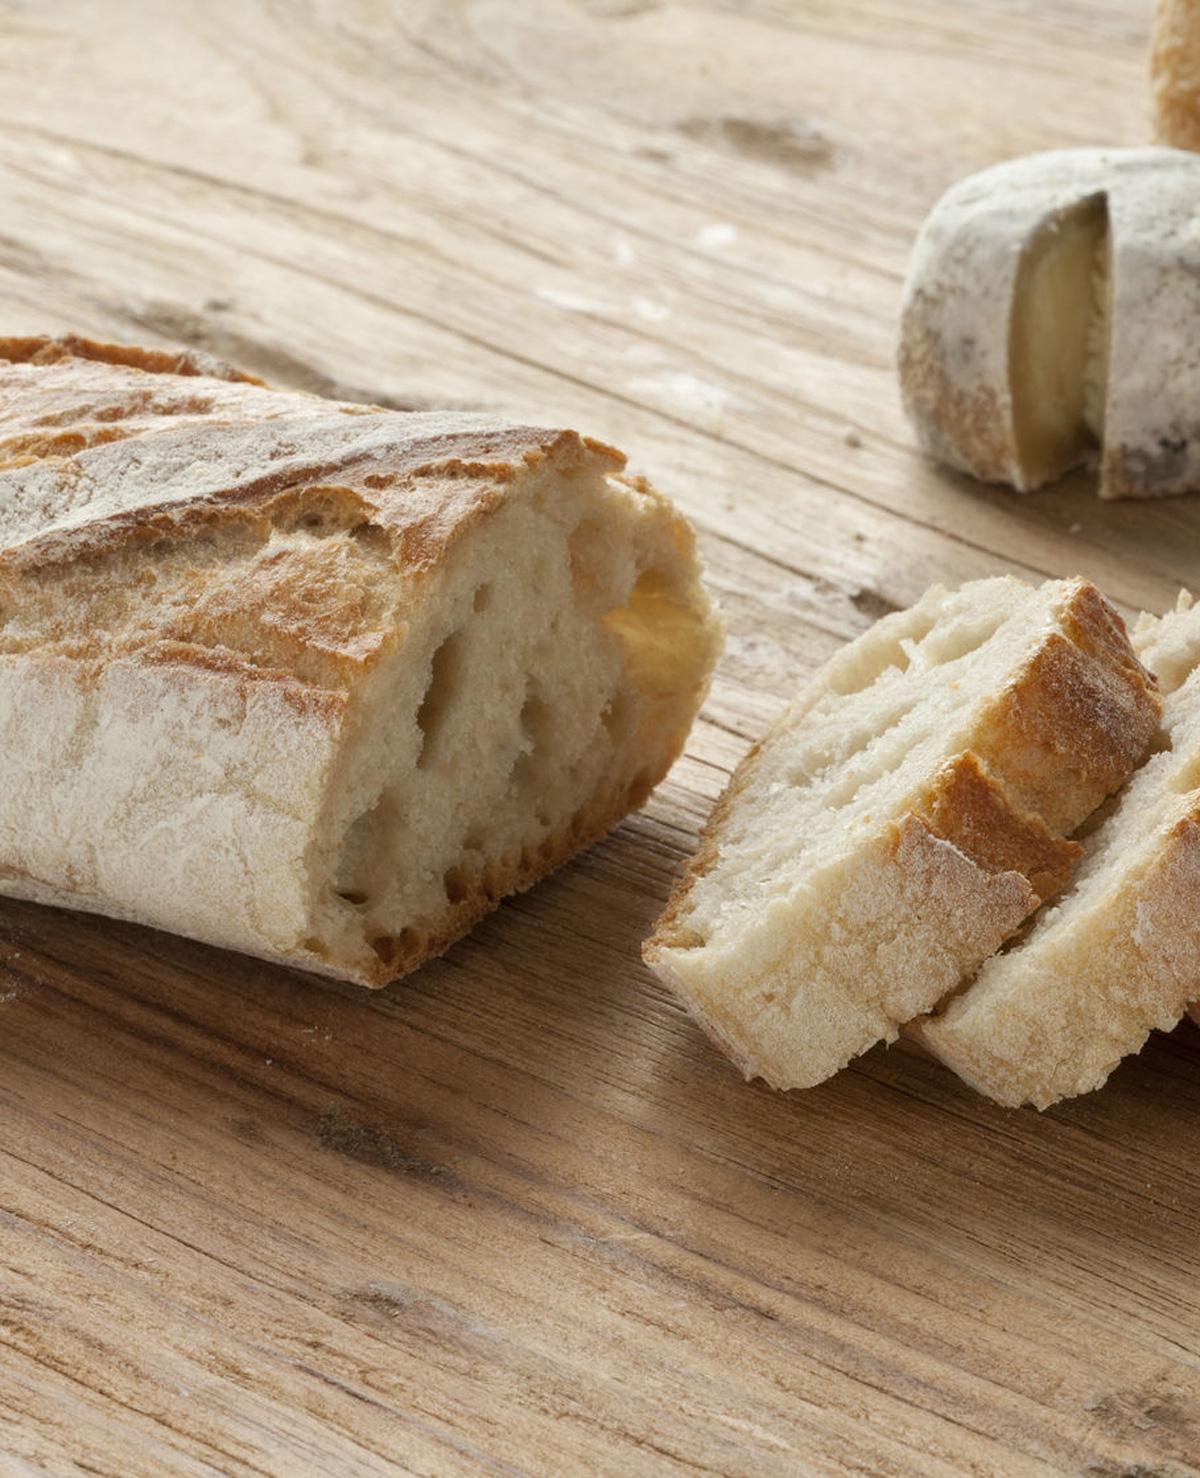 Schoonmaken met brood